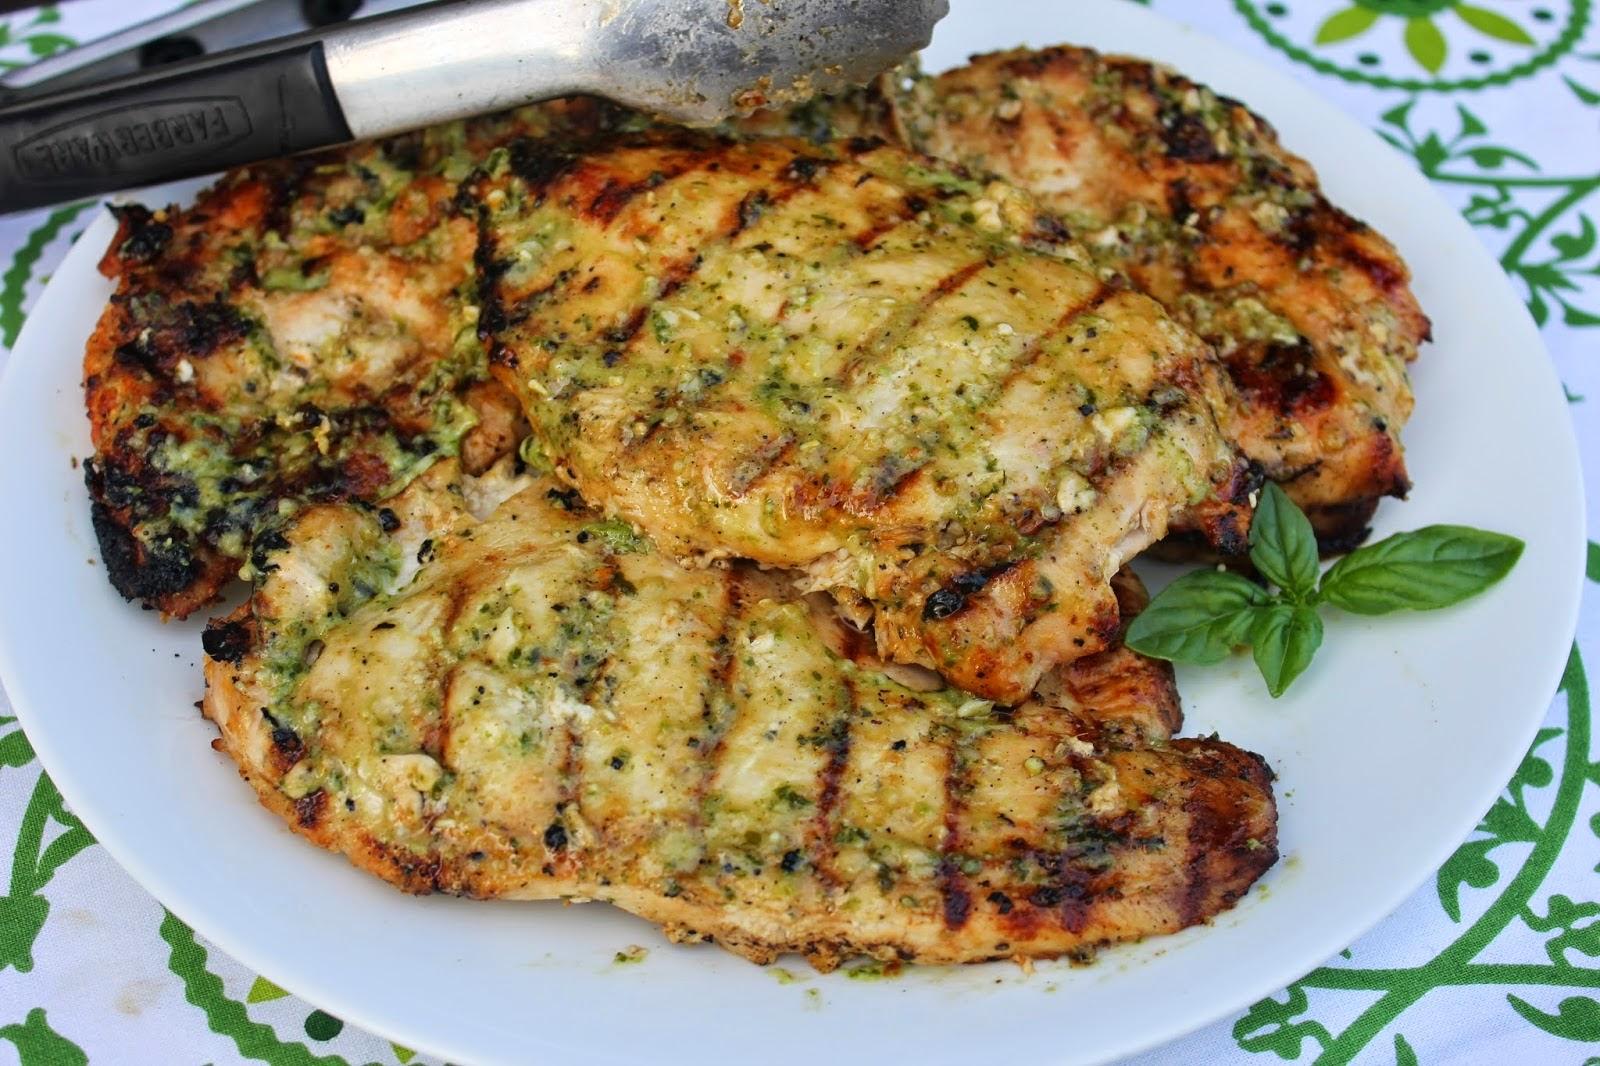 ... Chicken, Recipe: Pasta, pesto chicken marinade, pesto chicken pasta